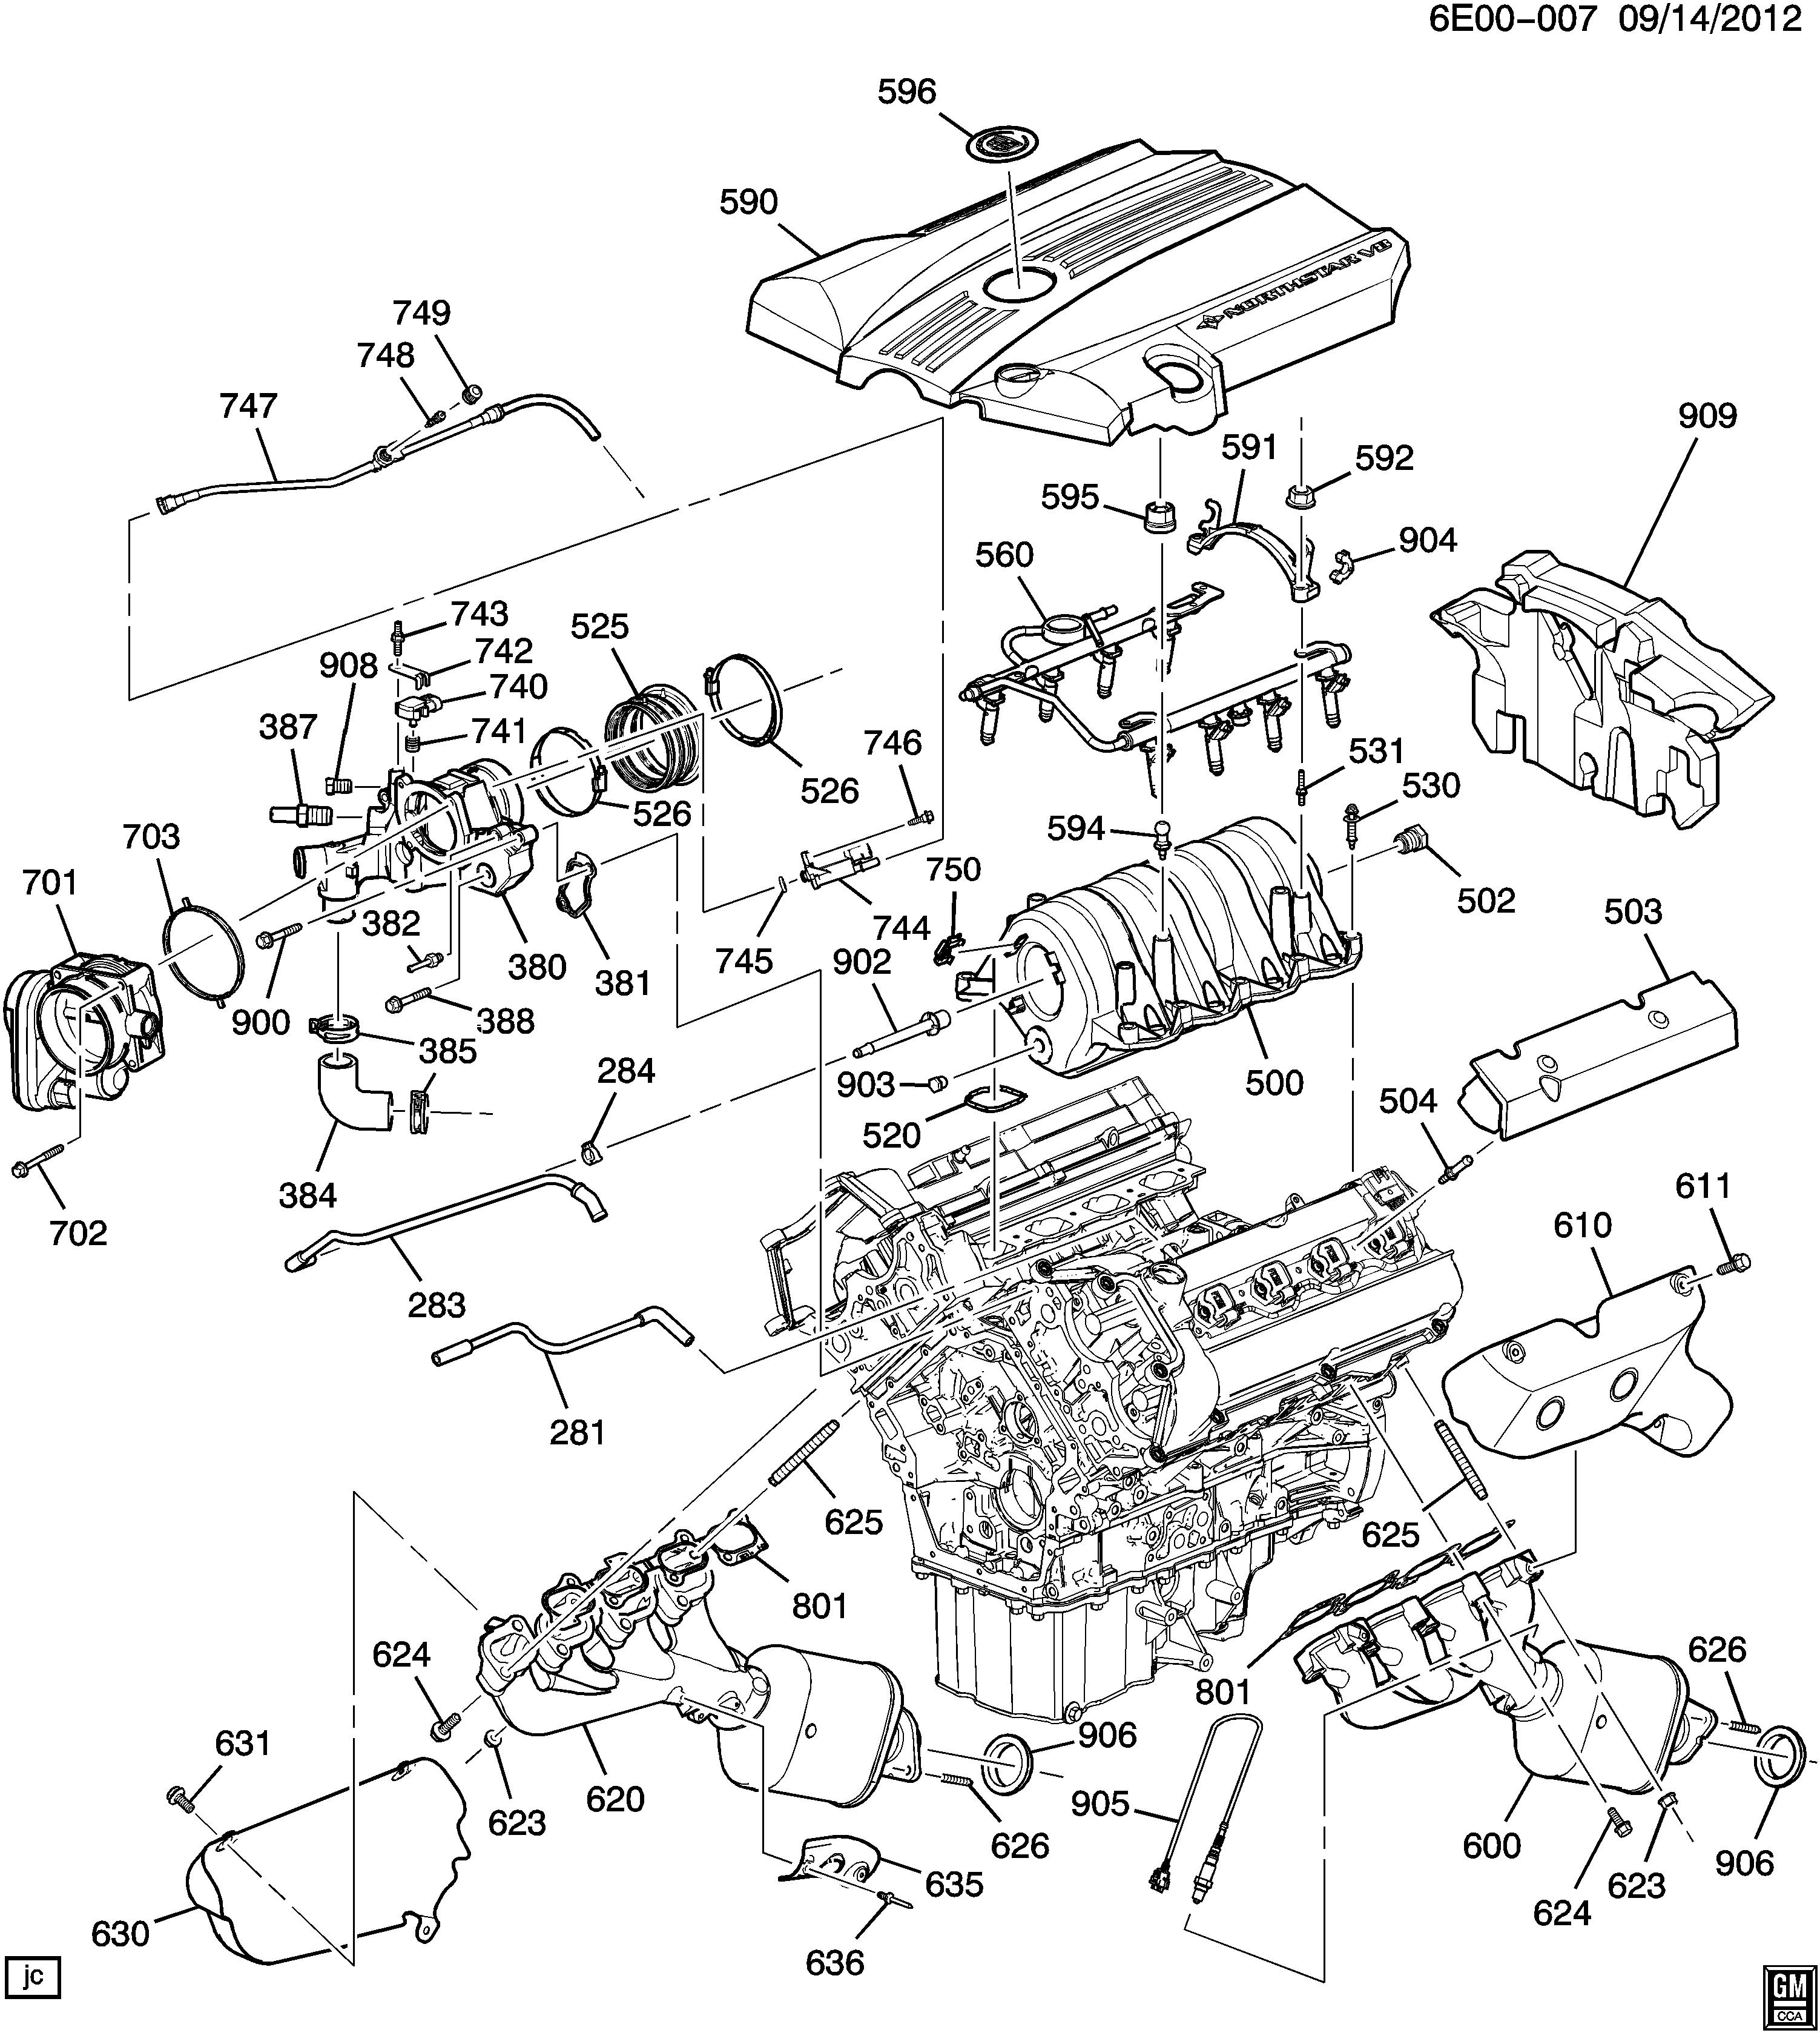 [DIAGRAM_38DE]  Cadillac SRX - E ENGINE ASM-4.6L V8 PART 5 MANIFOLDS & FUEL RELATED PARTS  (LH2/4.6A) > EPC Online > Nemiga.com | Cadillac Srx Engine Diagram |  | nemigaparts.com